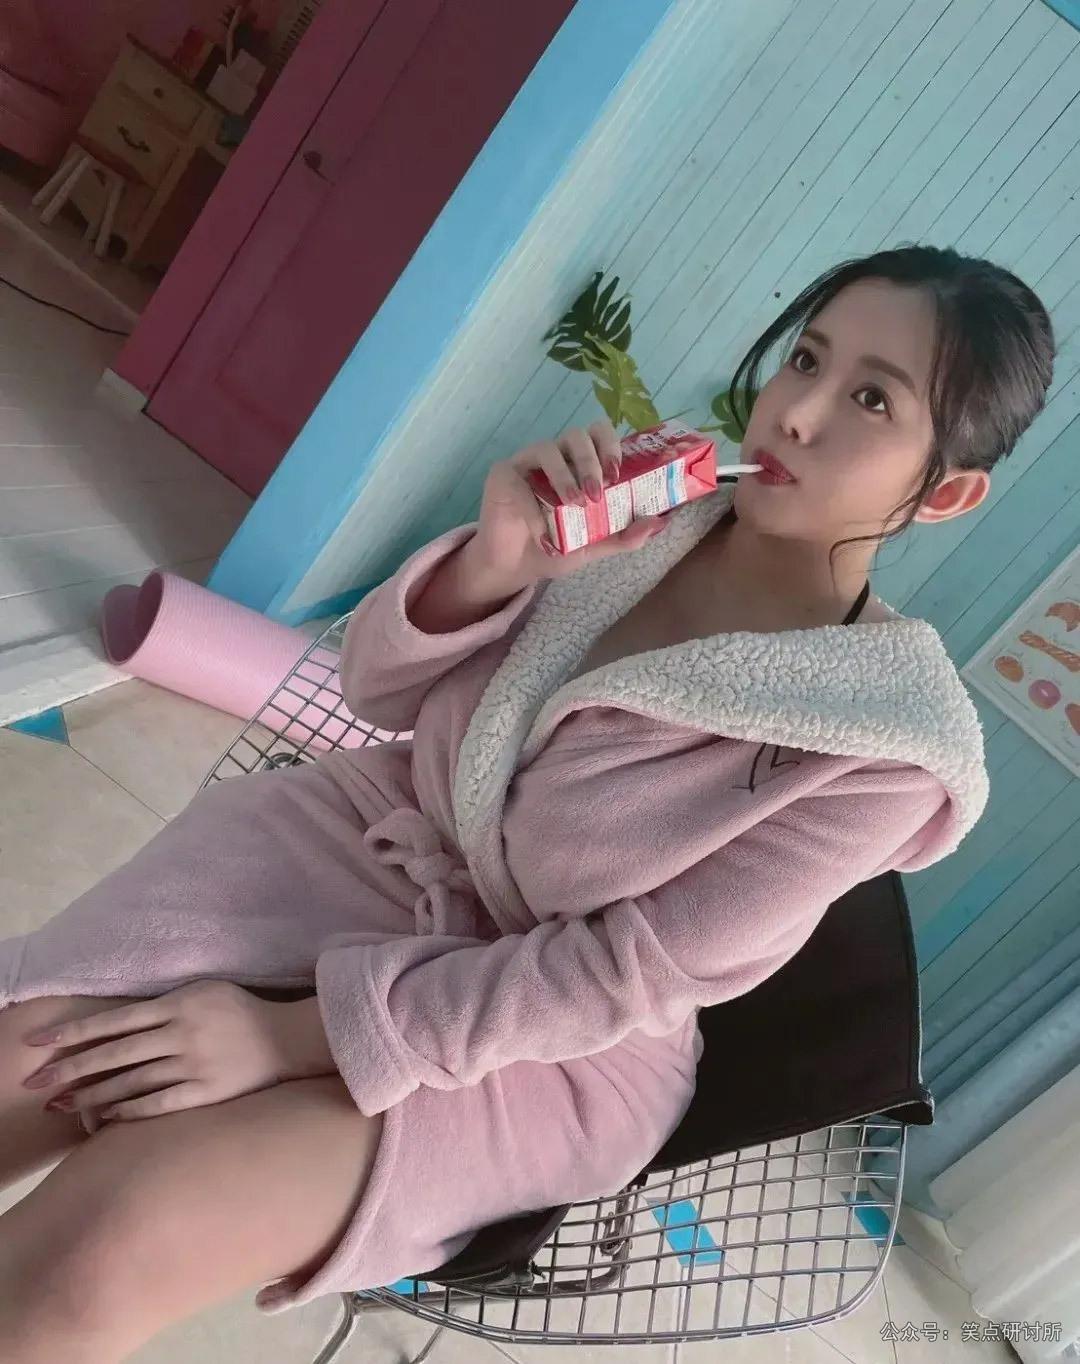 永井玛利亚很喜欢喝酸奶啊